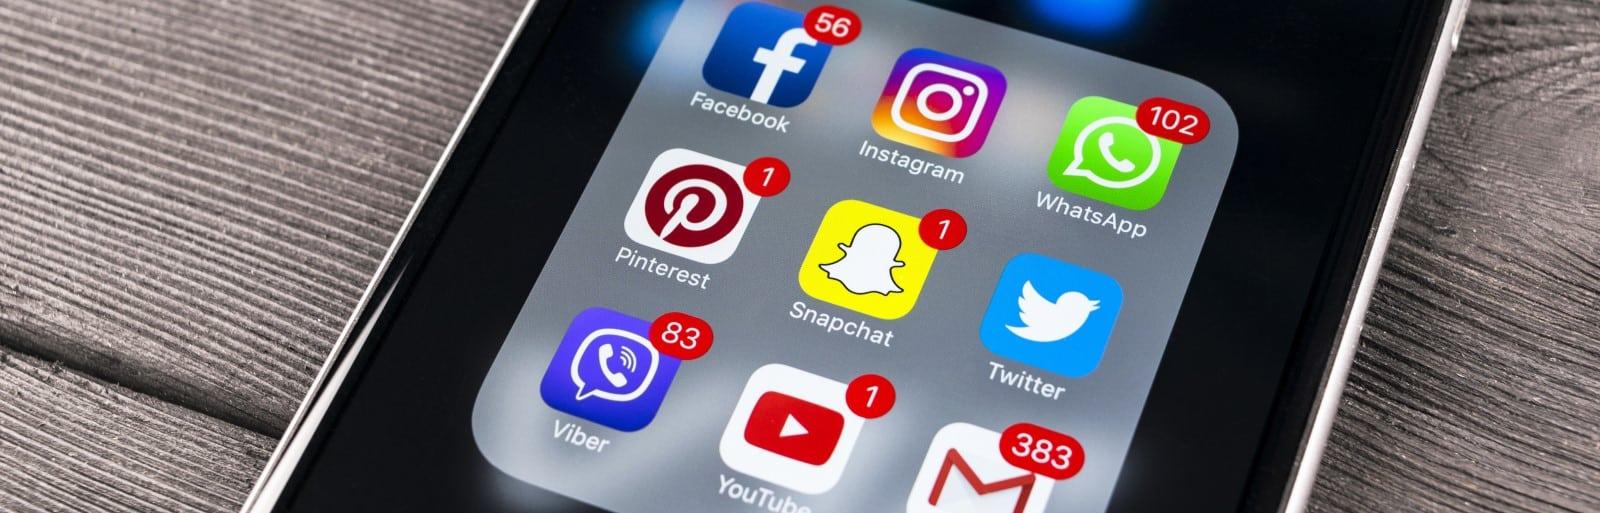 Eine Nahaufname eines Handys im Menü mit diversen Social Media App Icons, die zu sehen sind.